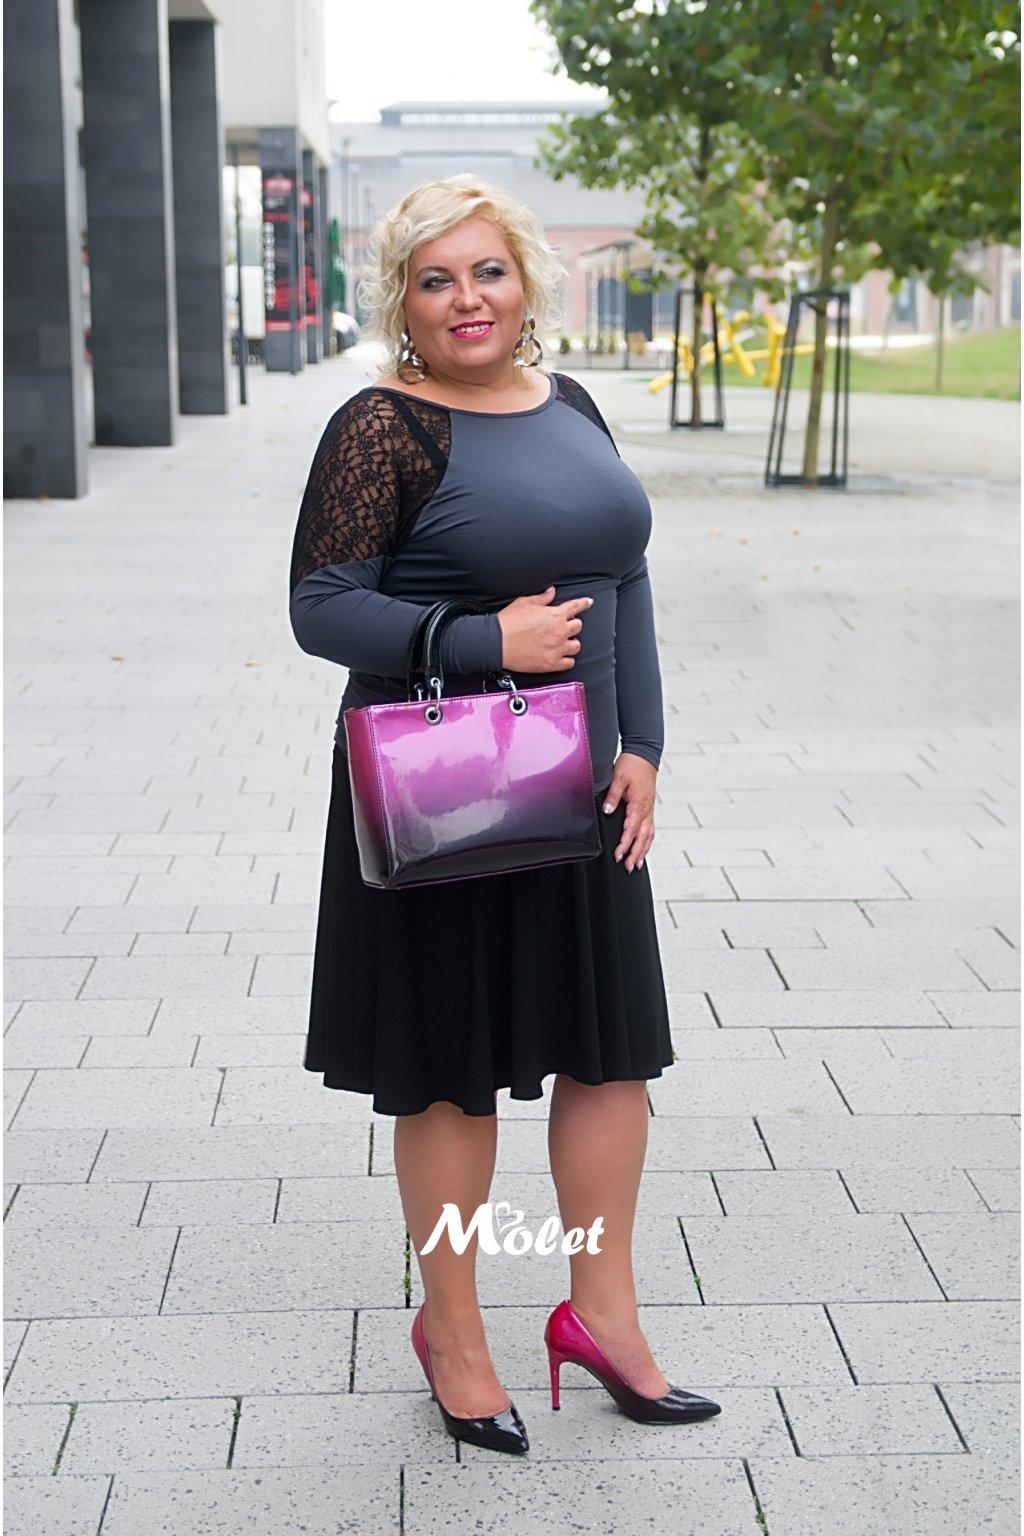 Teresa černá kolová sukně